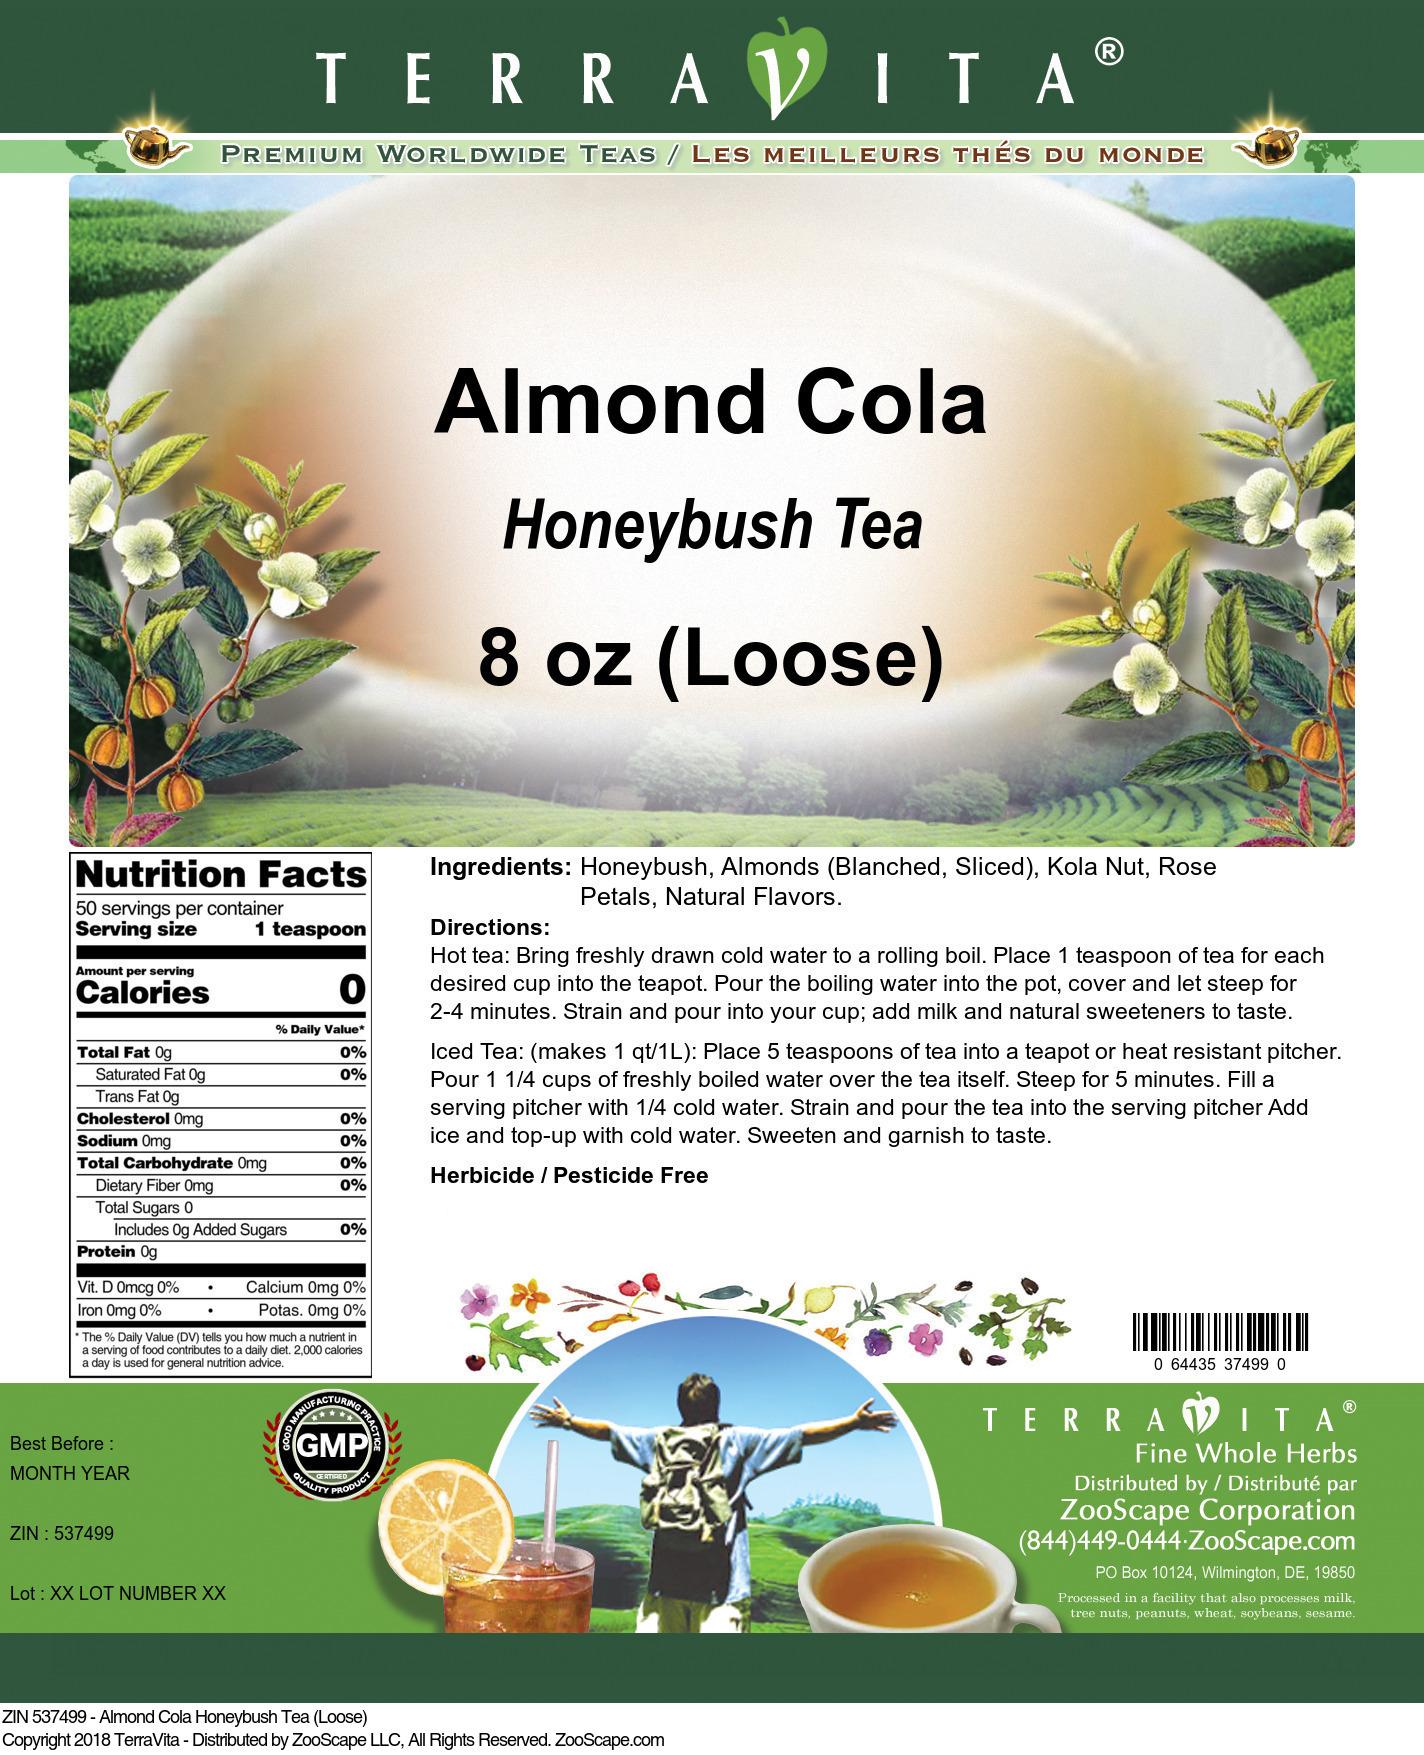 Almond Cola Honeybush Tea